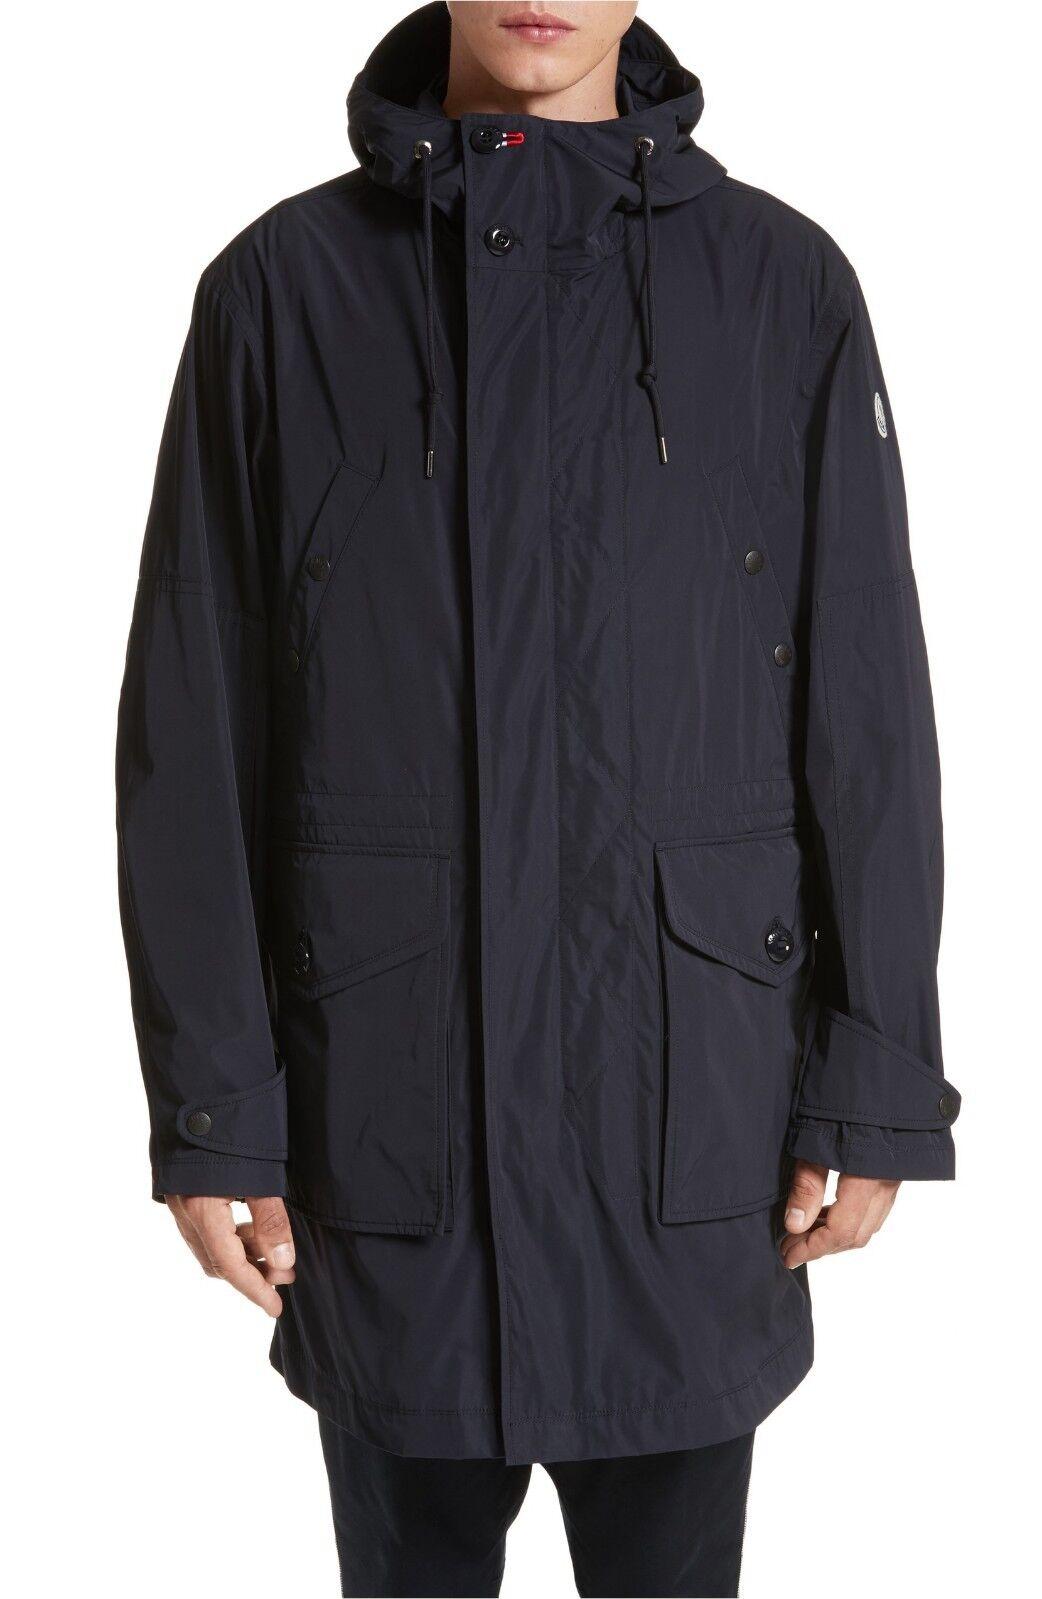 Moncler  Herren Guiers Lightweight Long Wind Rain Coat NWT Größe 5 XL Navy 995